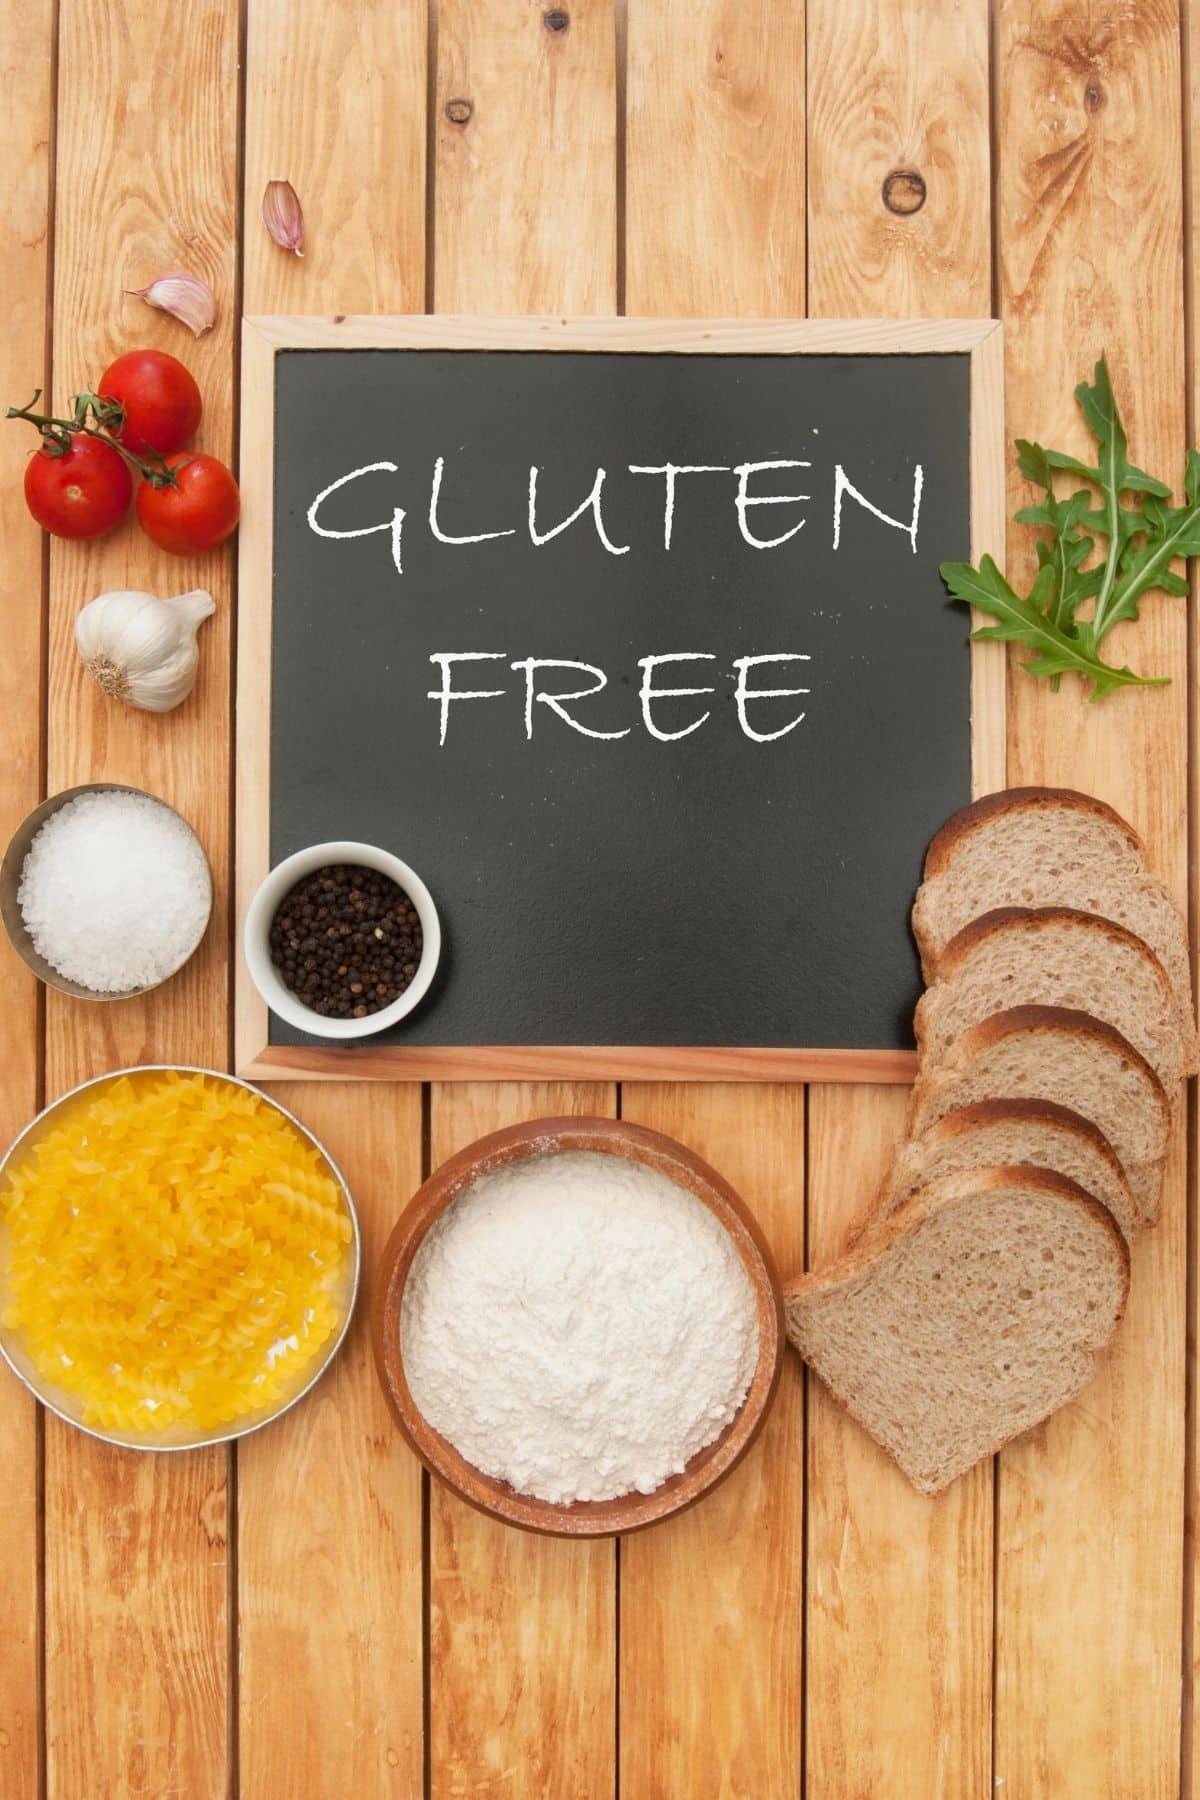 blackboard on a table with gluten free written on it